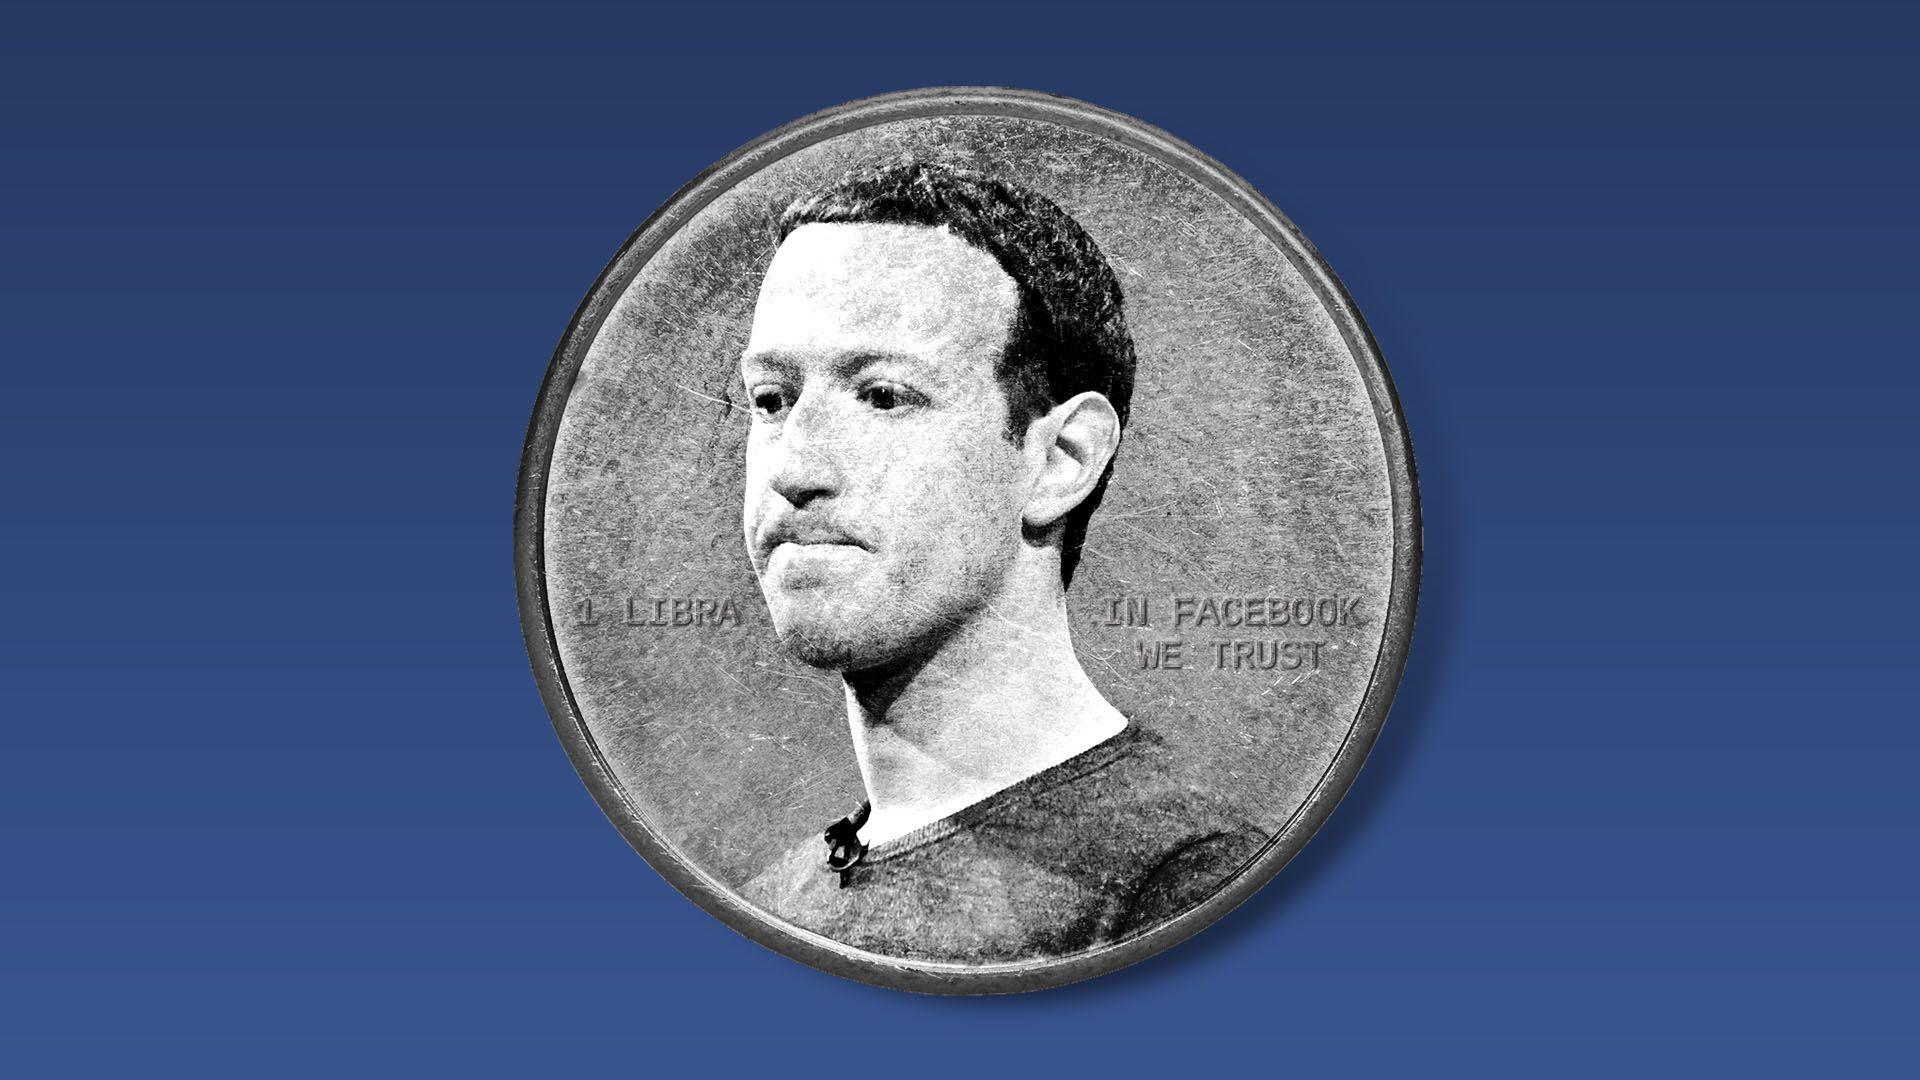 Mark Zuckerberg's face on a coin.